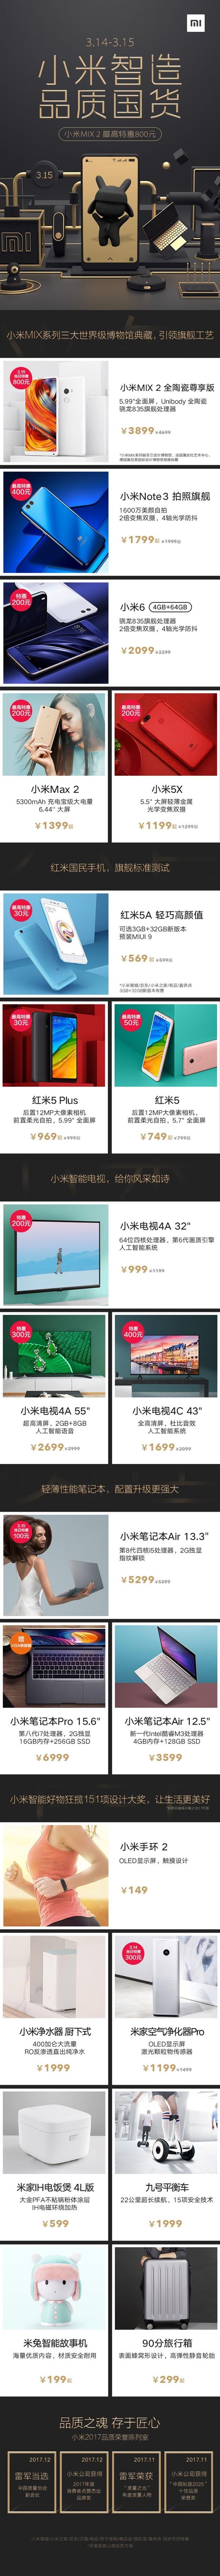 骁龙835/8G内存!小米MIX 2全陶瓷尊享版售价3899元